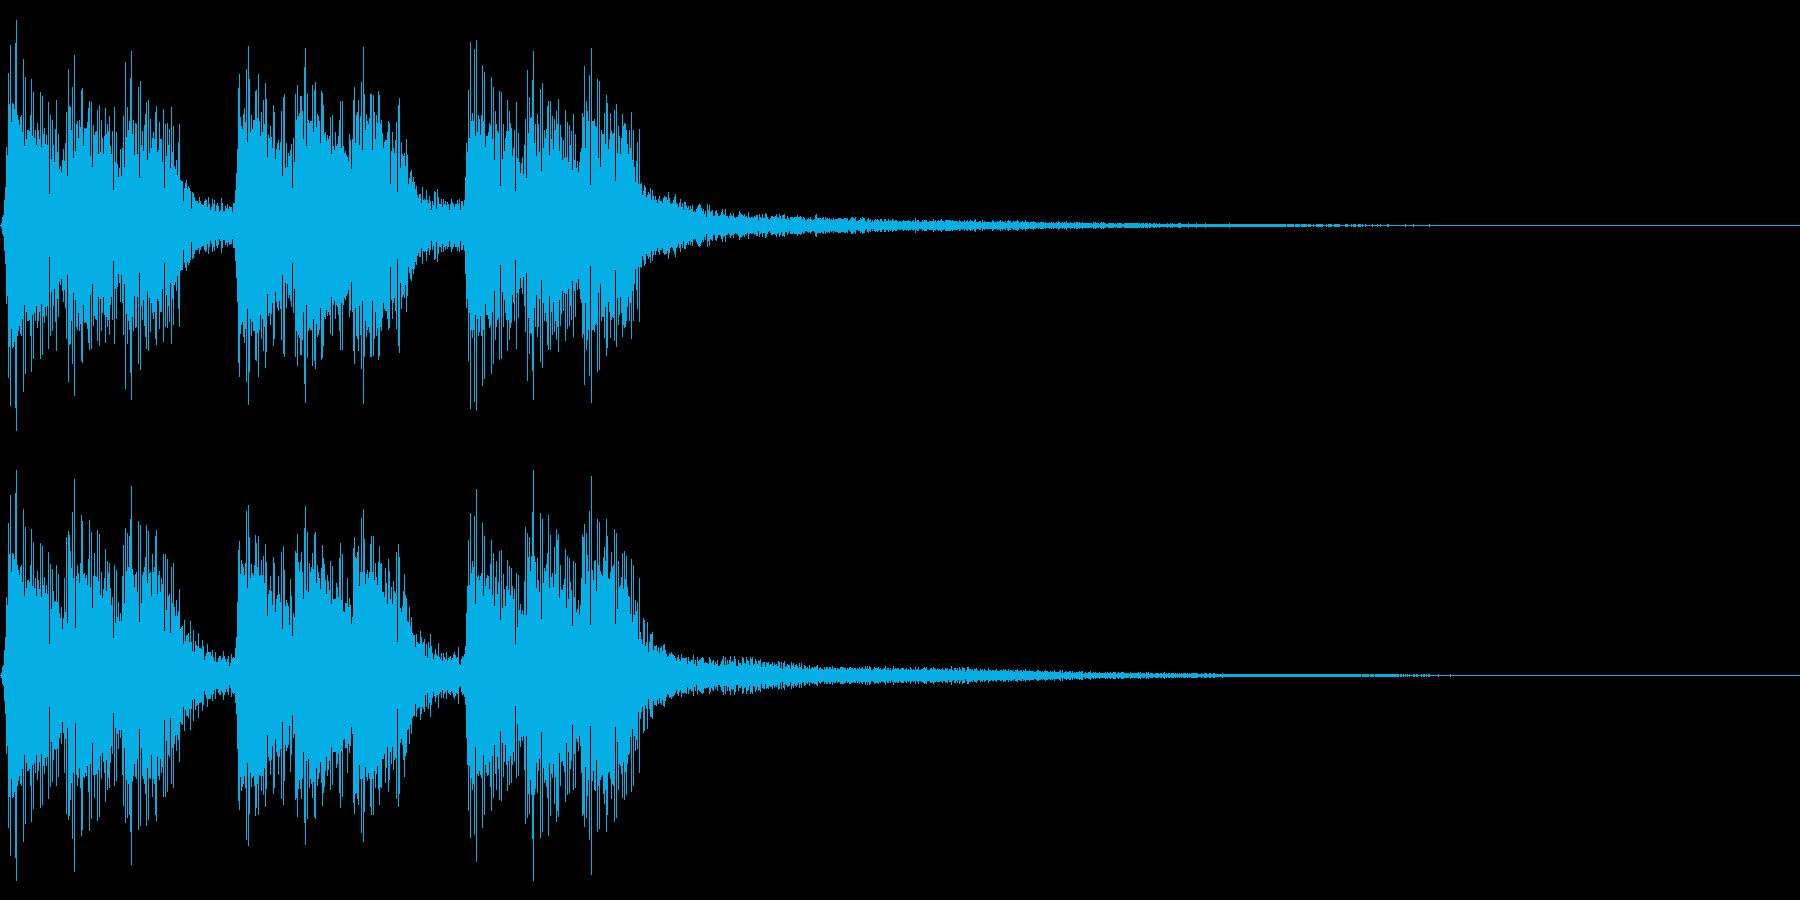 コミカルな感じのレトロなゲームオーバー音の再生済みの波形